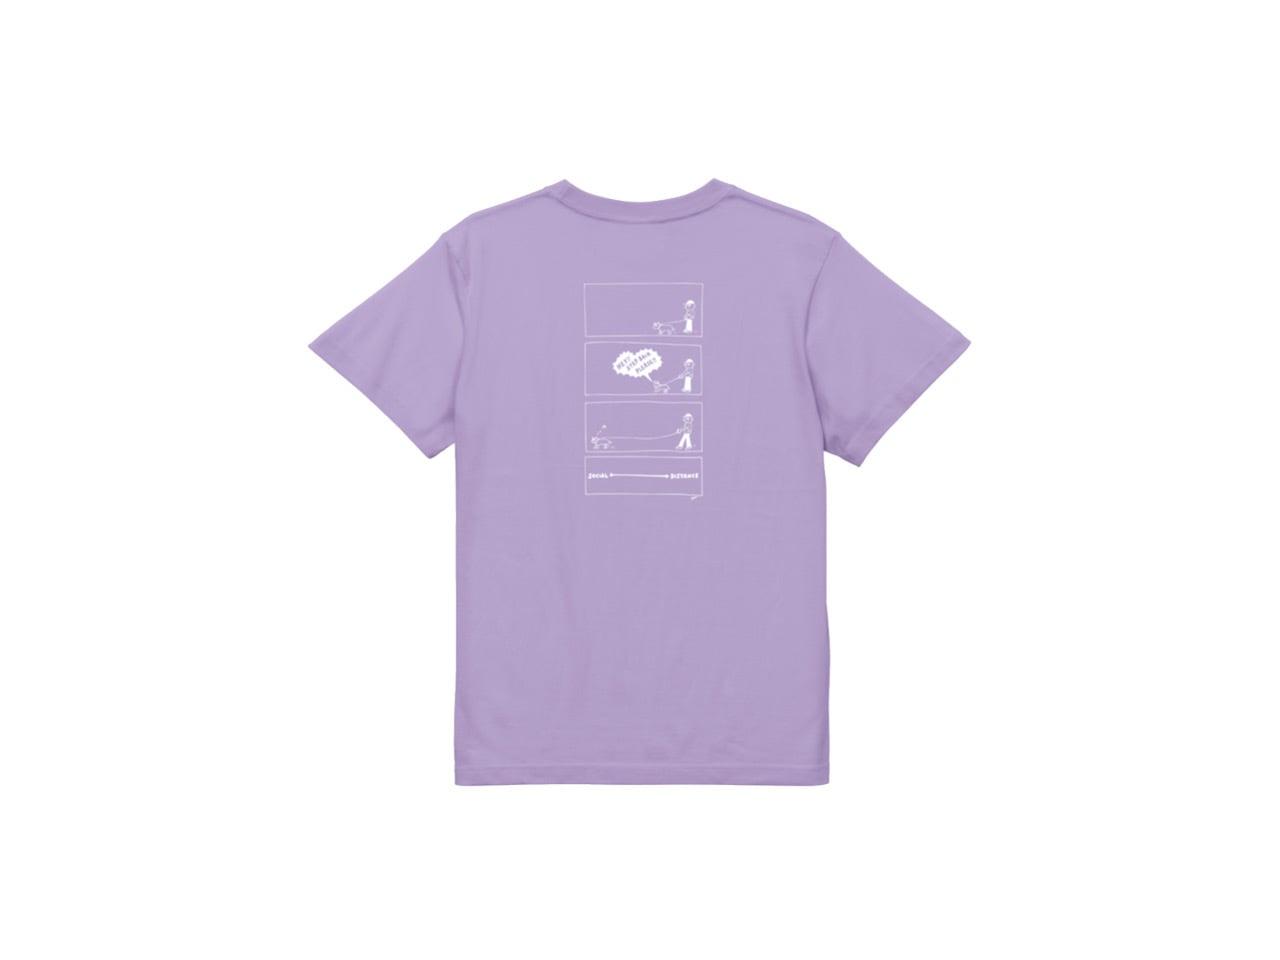 SHI x coguchi dog SD T-shirts (LB/WH)